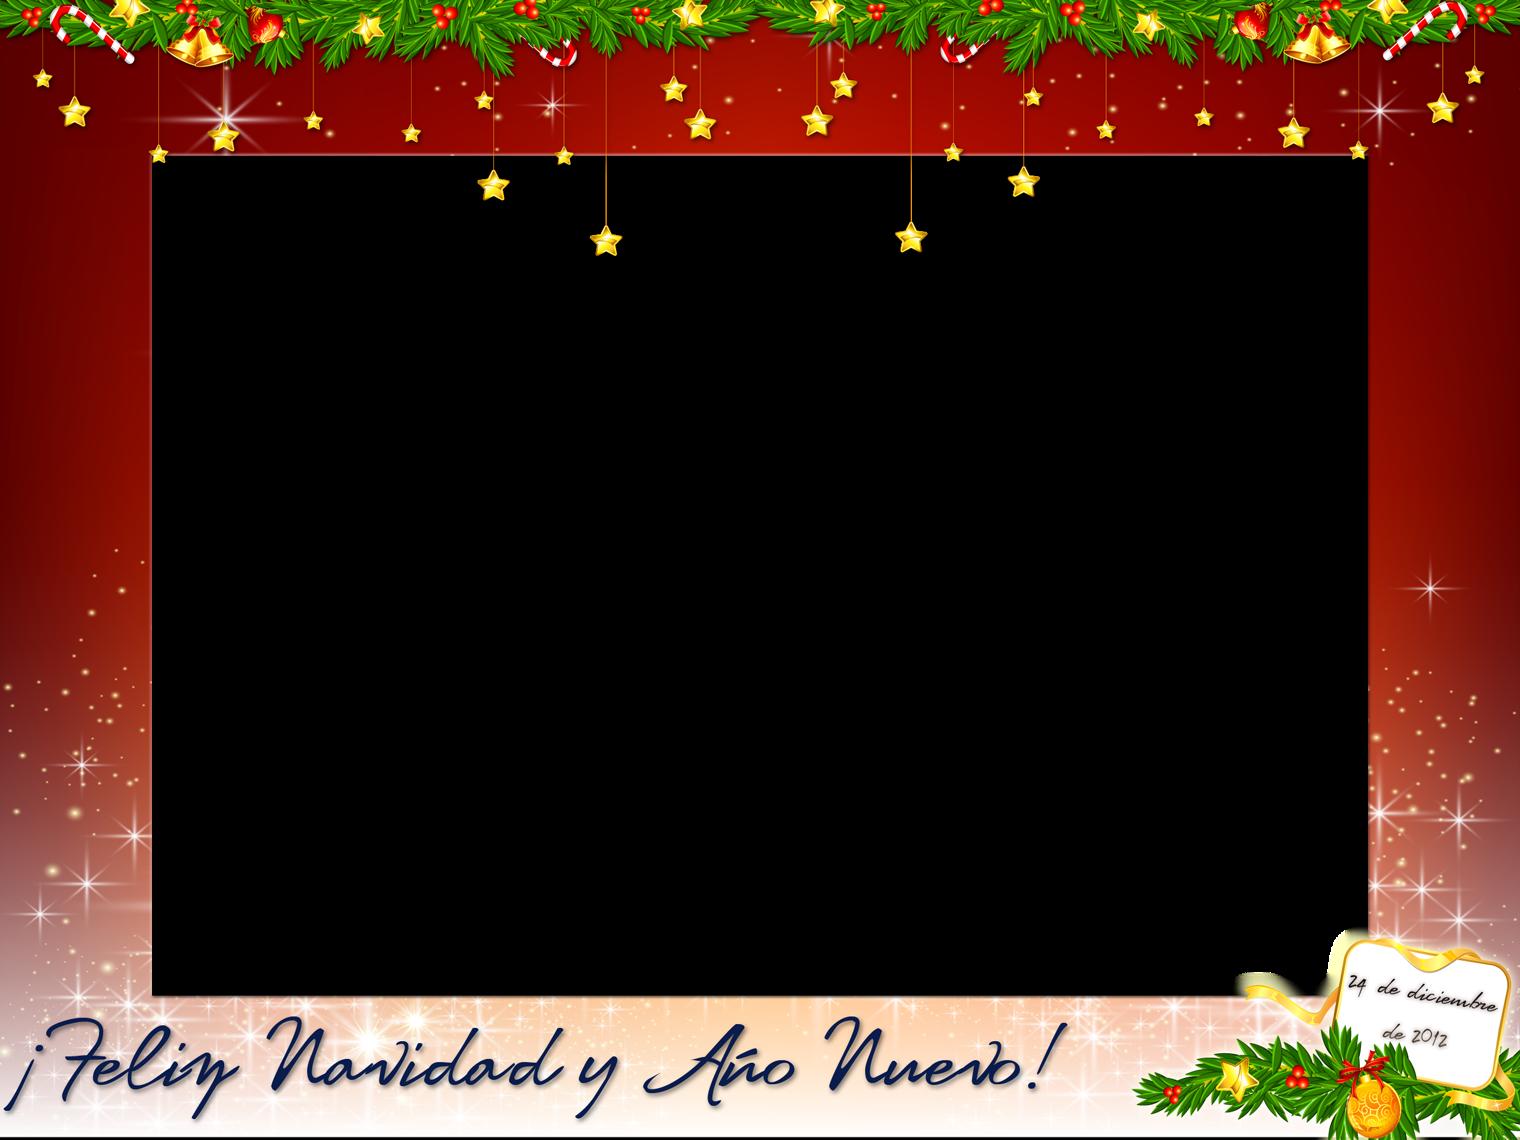 Marcos navide os para fotos digitales gratis - Decorar fotos de navidad gratis ...